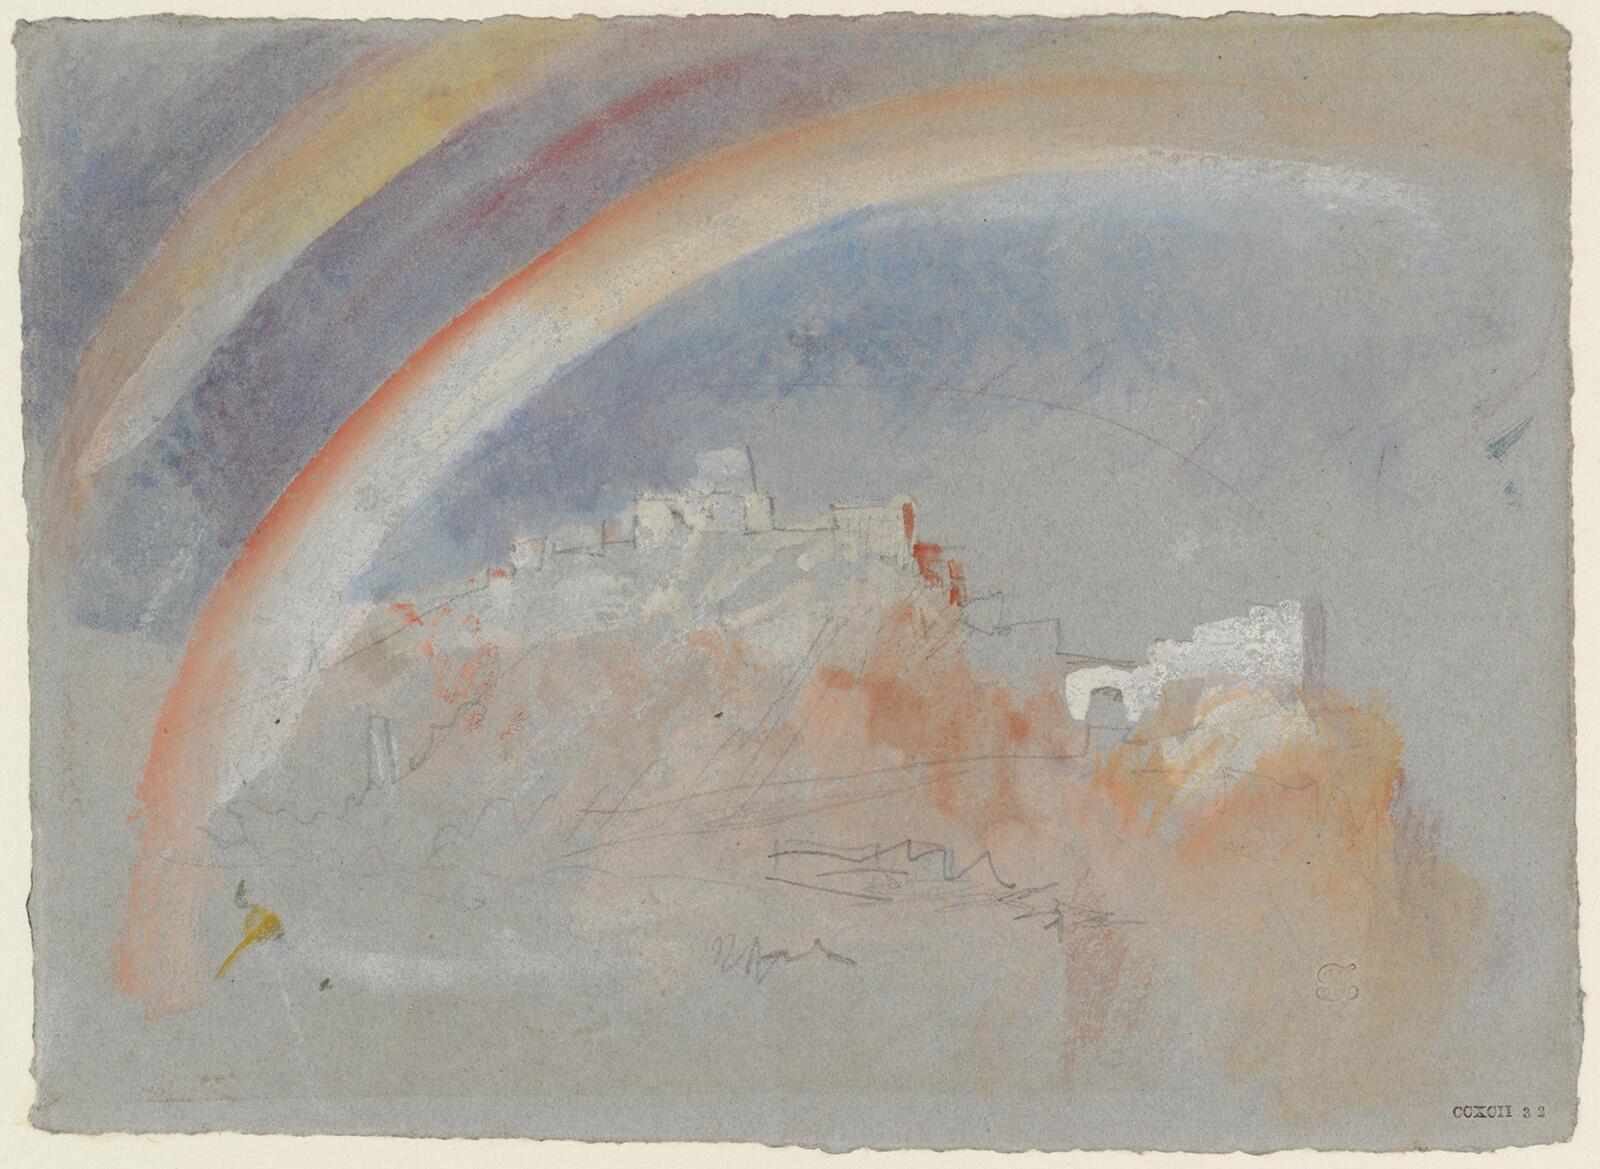 Радуга над Эренбрайтштайном. Уильям Тернер. Графитовый карандаш, акварель, гуашь, бумага. 1840.